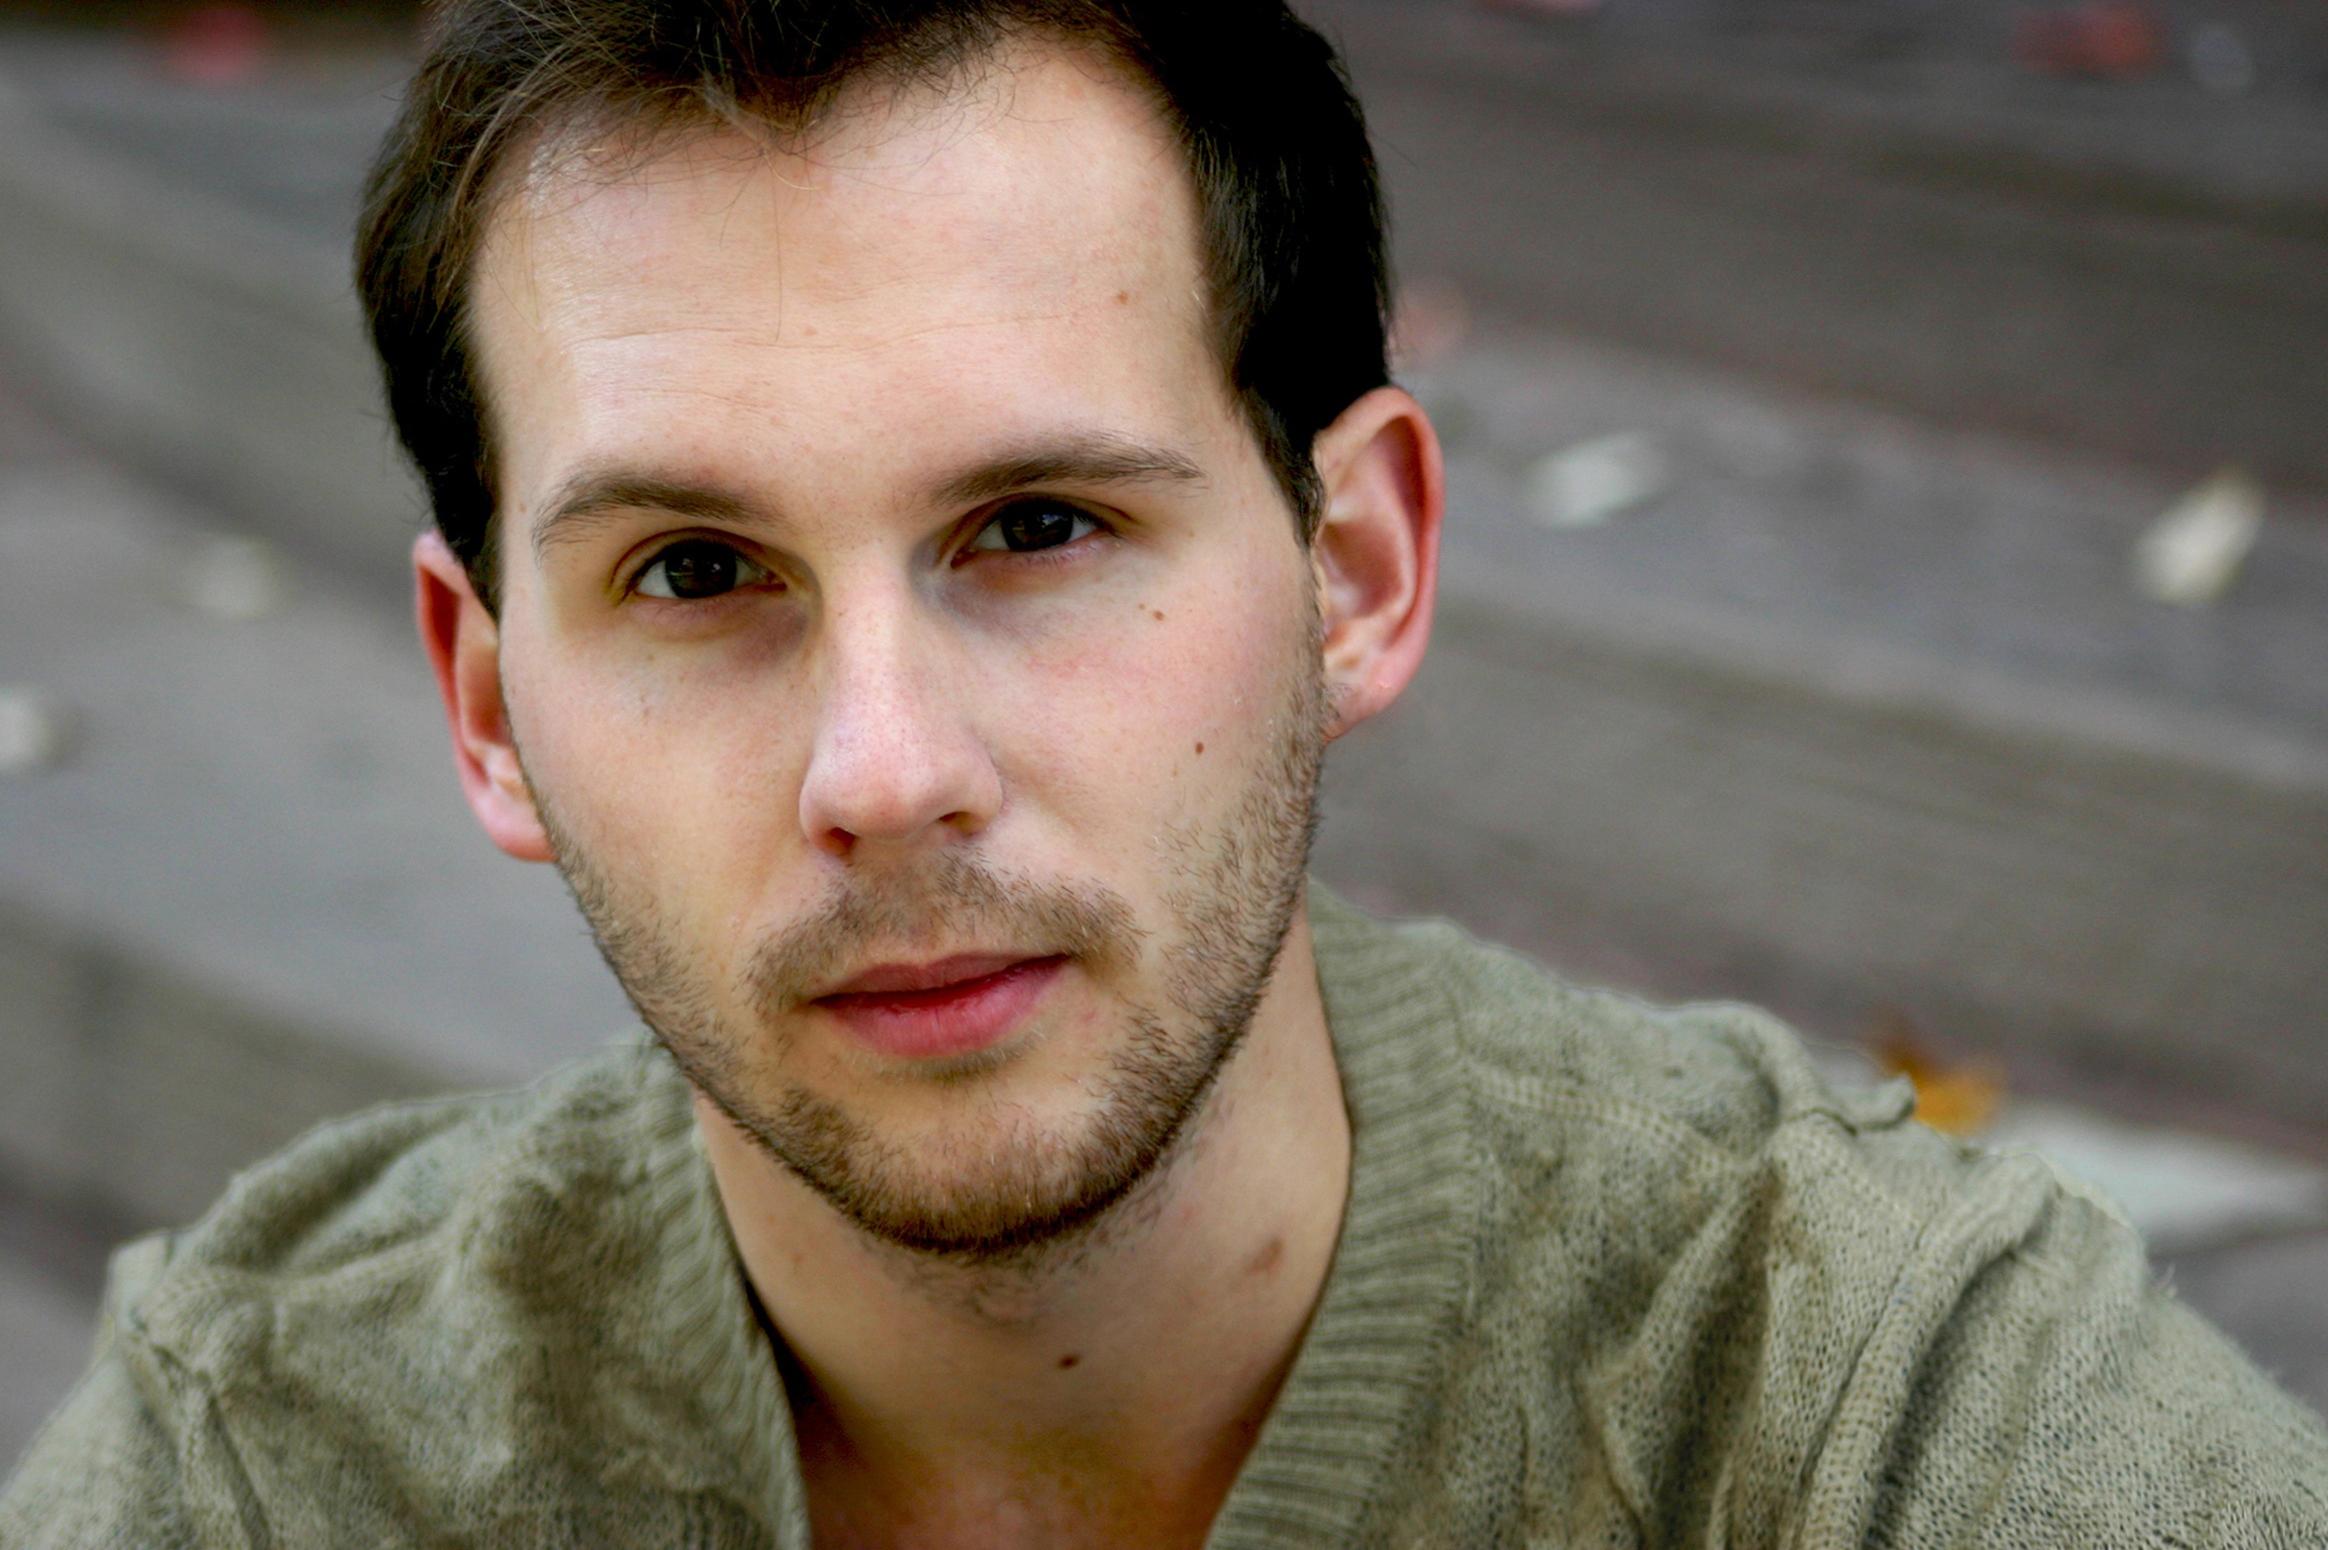 Matthew Pilipiak